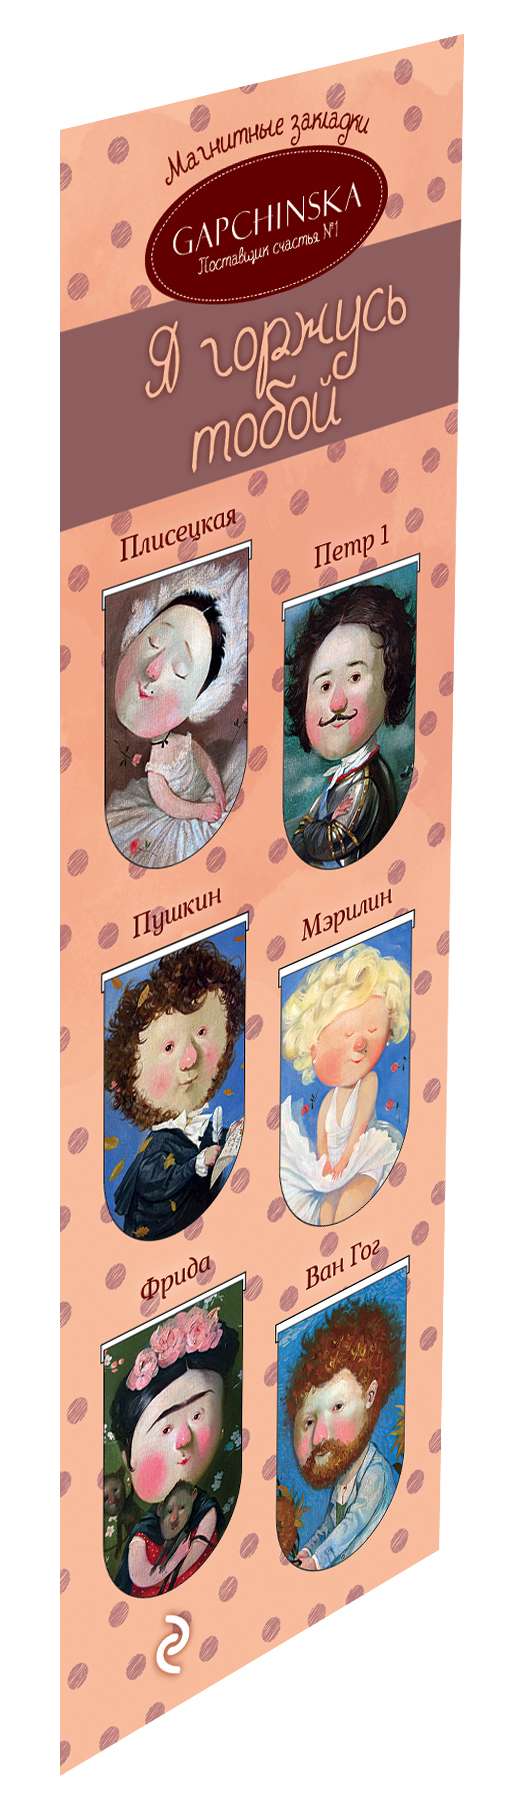 Магнитные закладки. Я горжусь тобой! Евгения Гапчинская. (6 закладок полукругл.) (Арте) евгения гапчинская самые самые 6 магнитных закладок